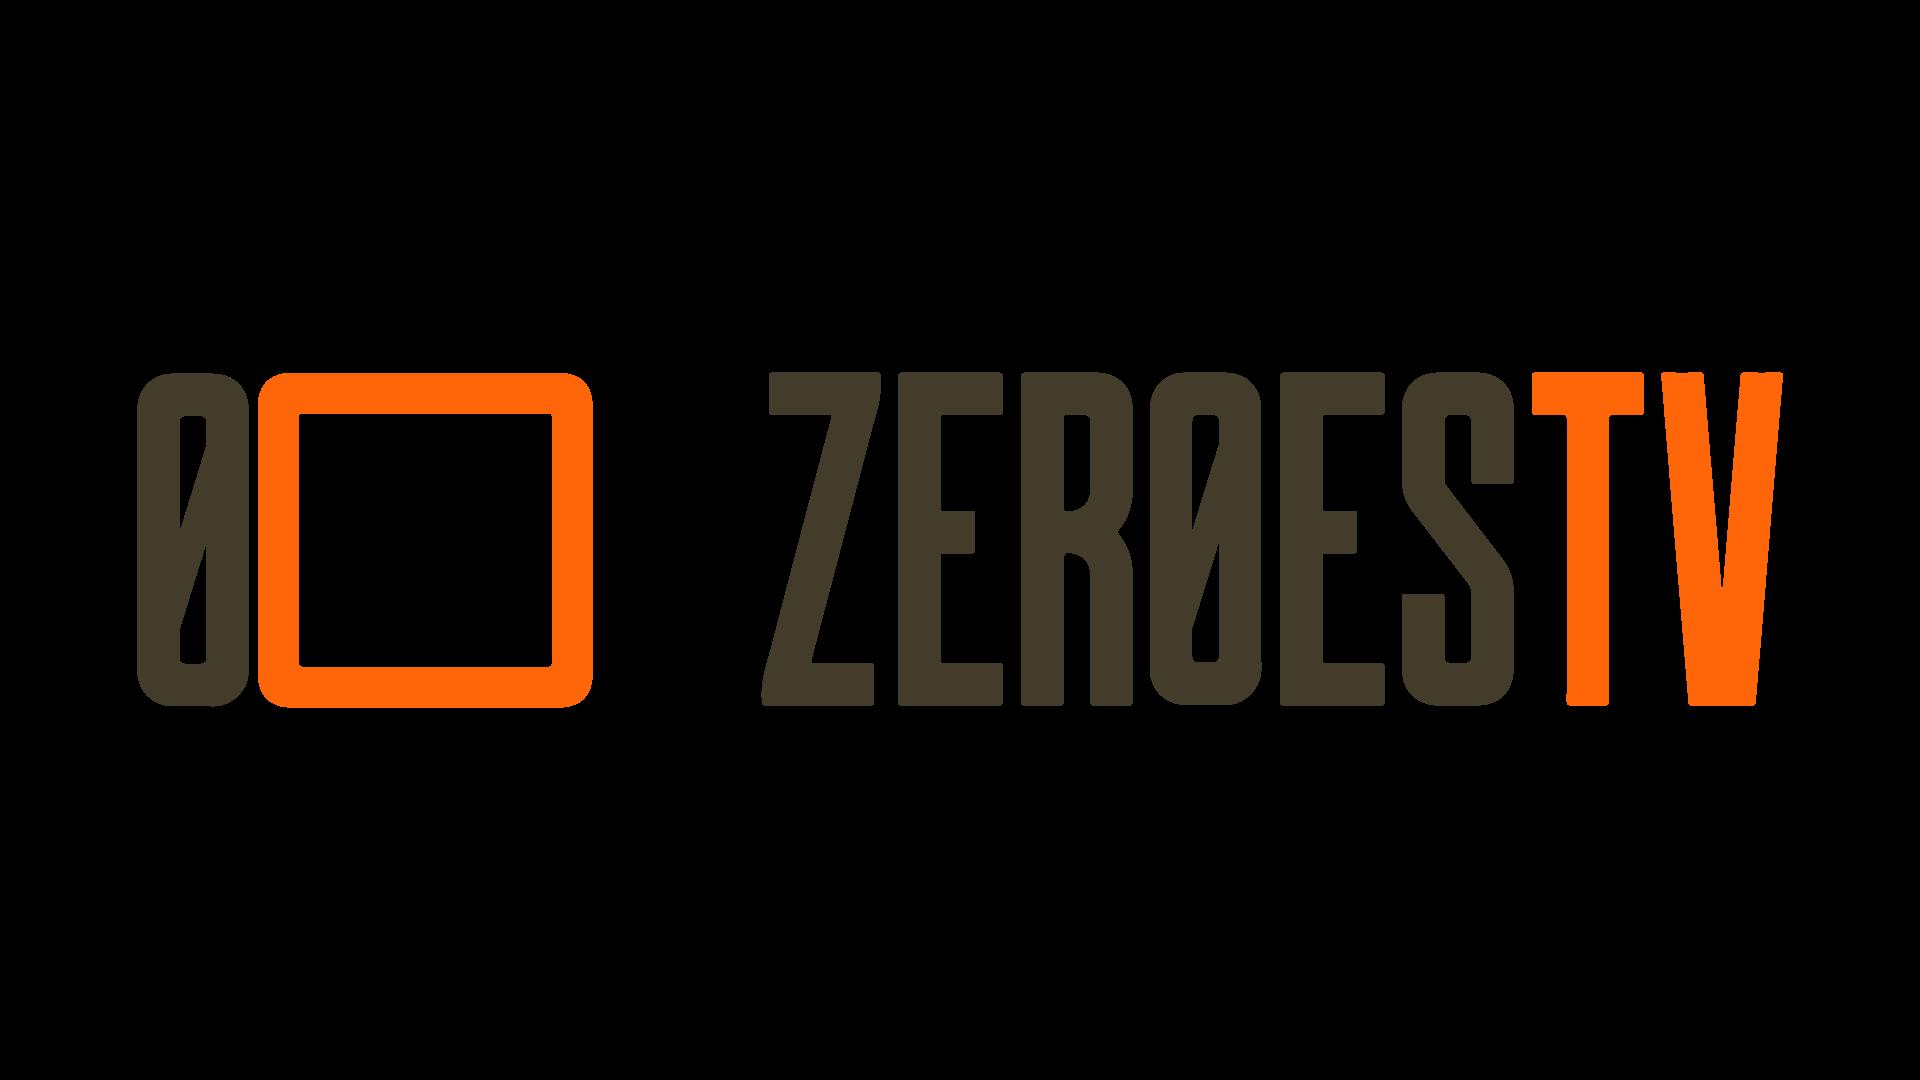 ZerOes TV  logo